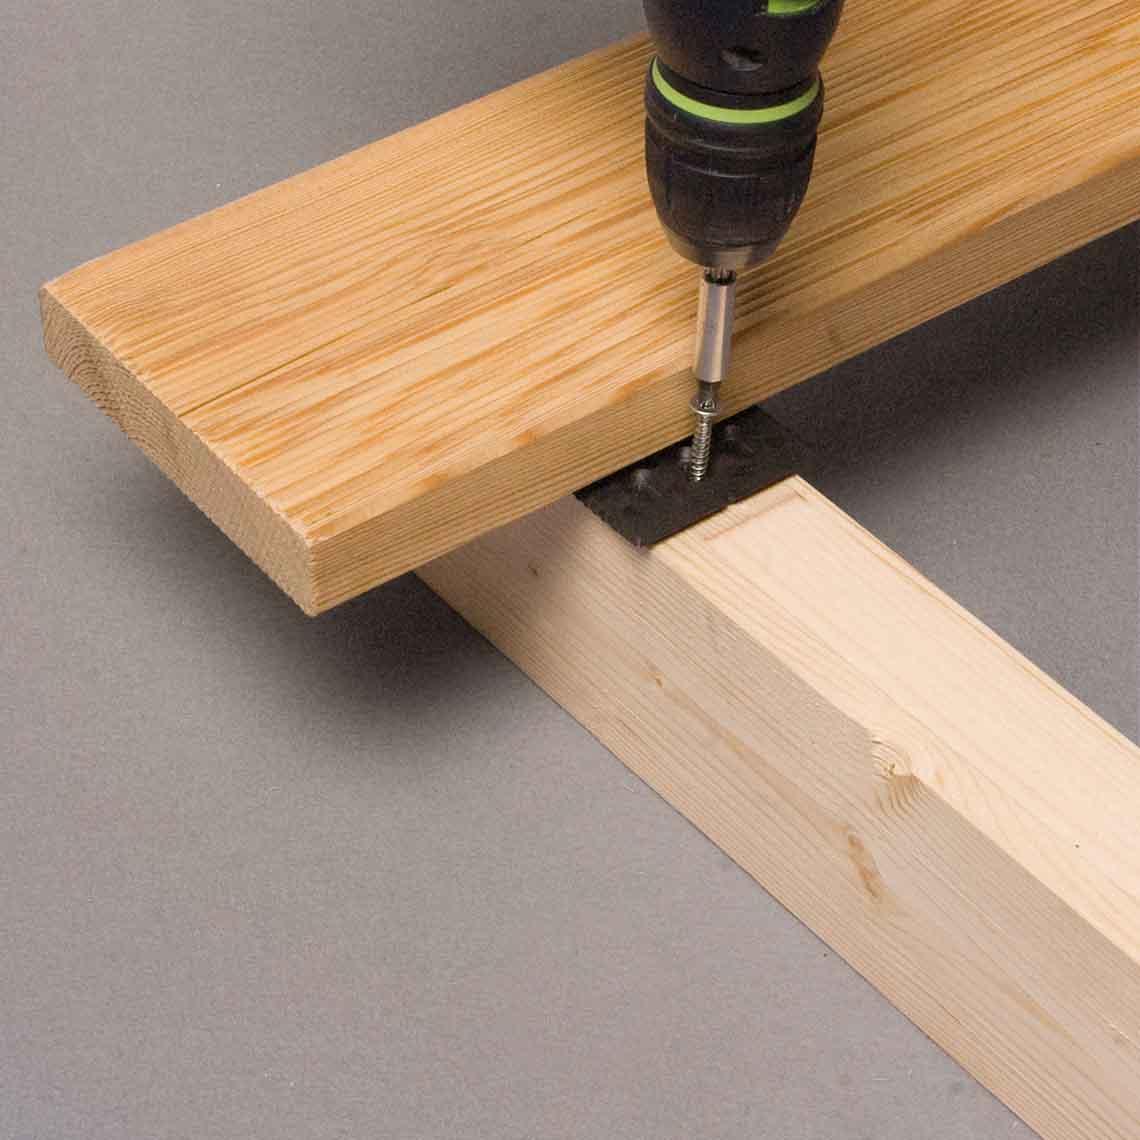 Quatro hidden fasteners install